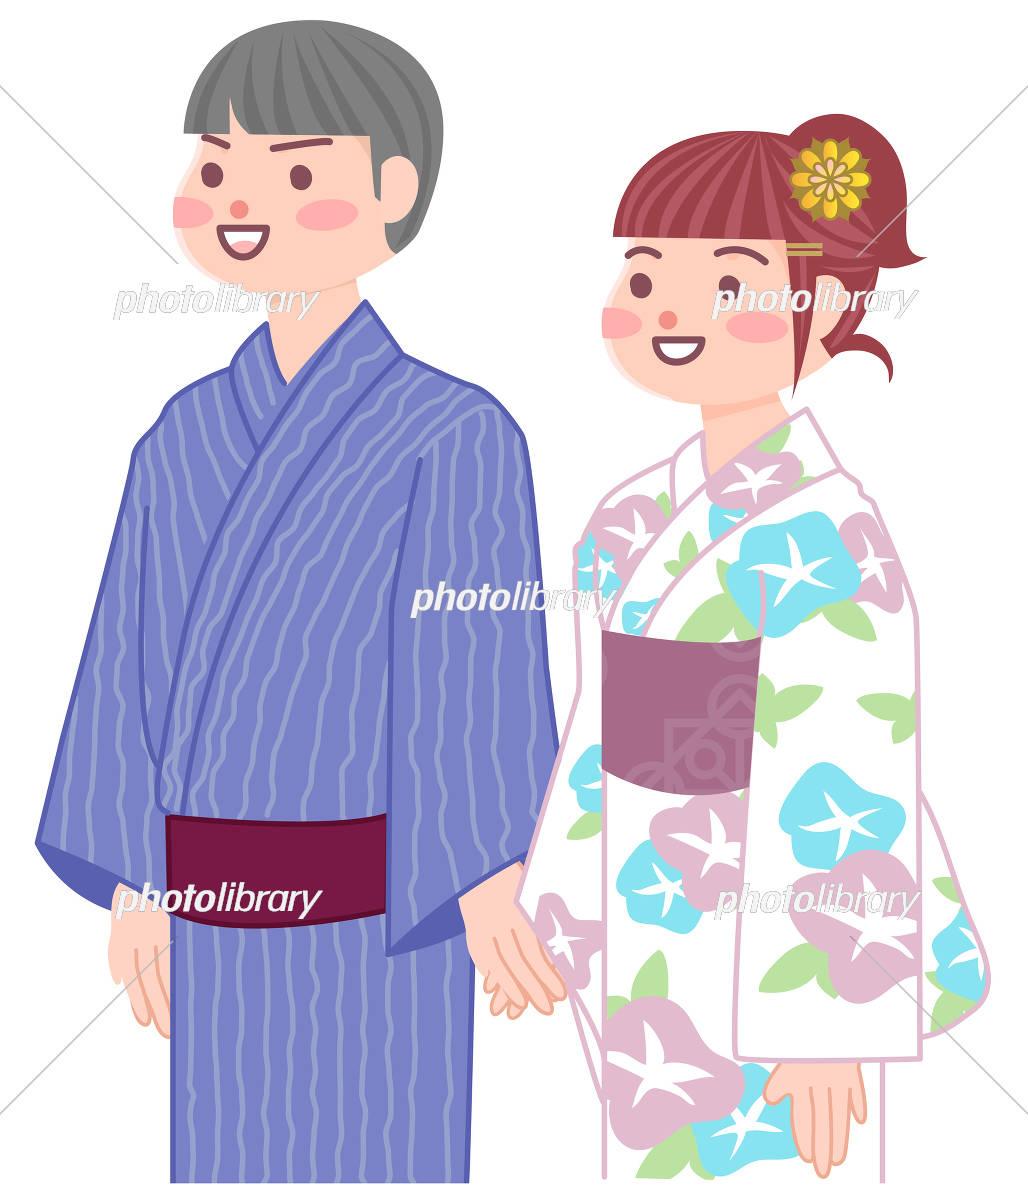 浴衣でデートをするカップル イラスト素材 [ 5677346 ] - フォトライブ